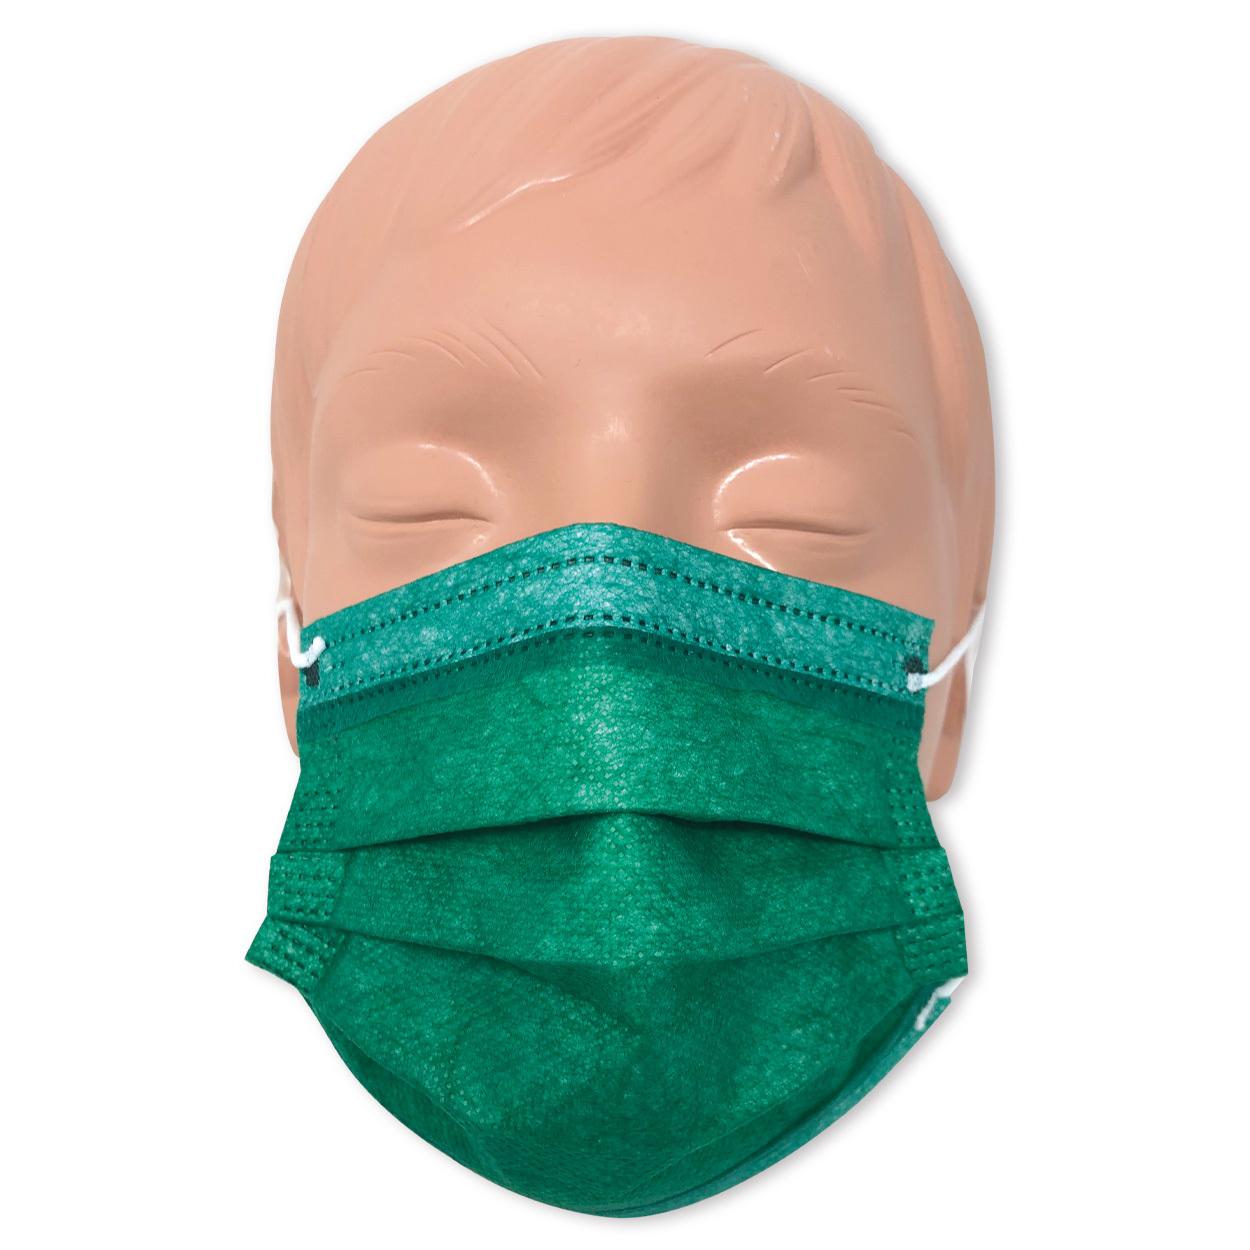 Mundschutz für Kinder in grün, Typ II, 3-lagig - Packung à 50 Stück